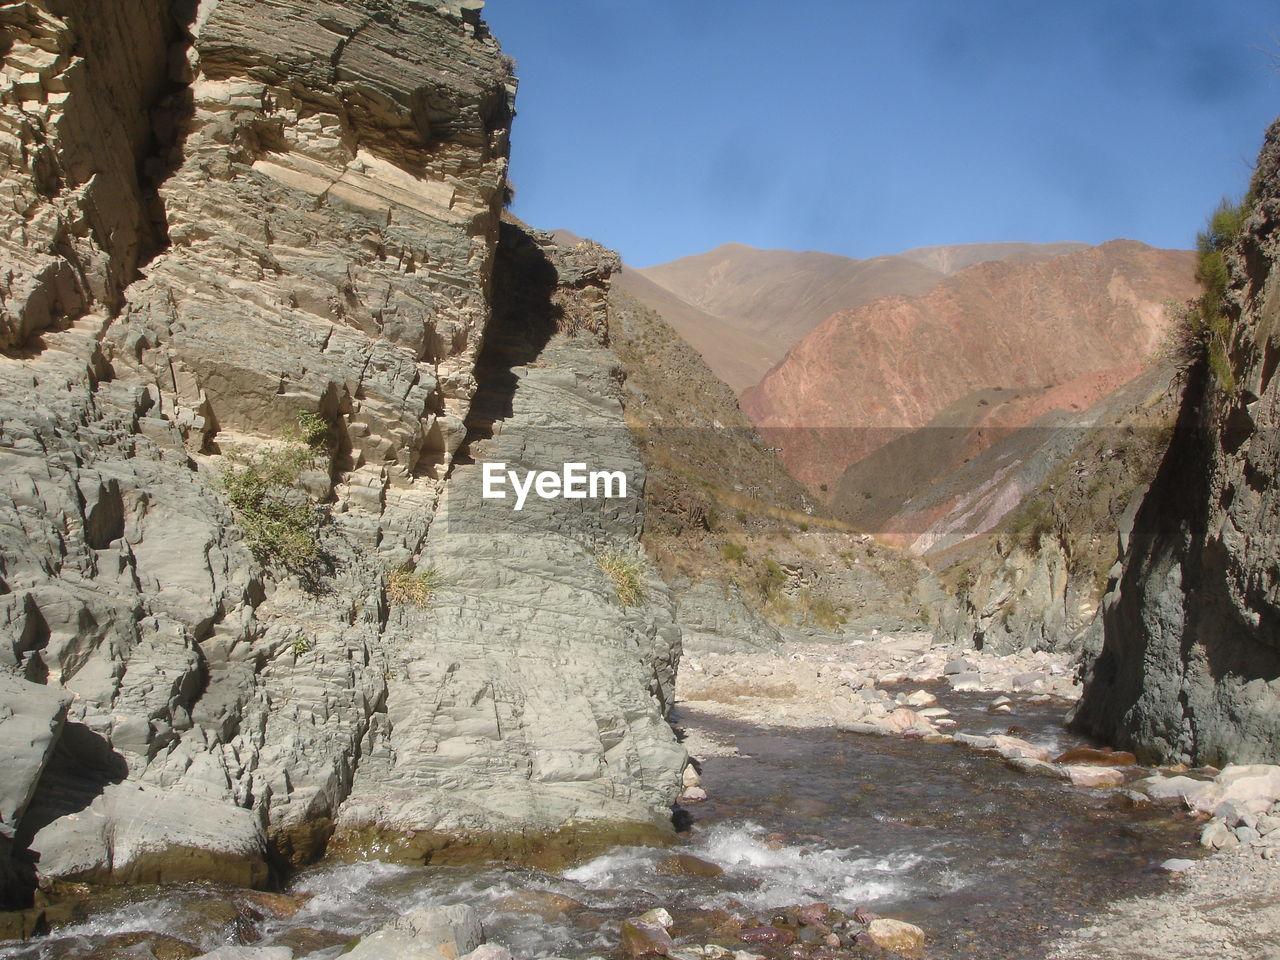 Narrow stream along rocky landscape